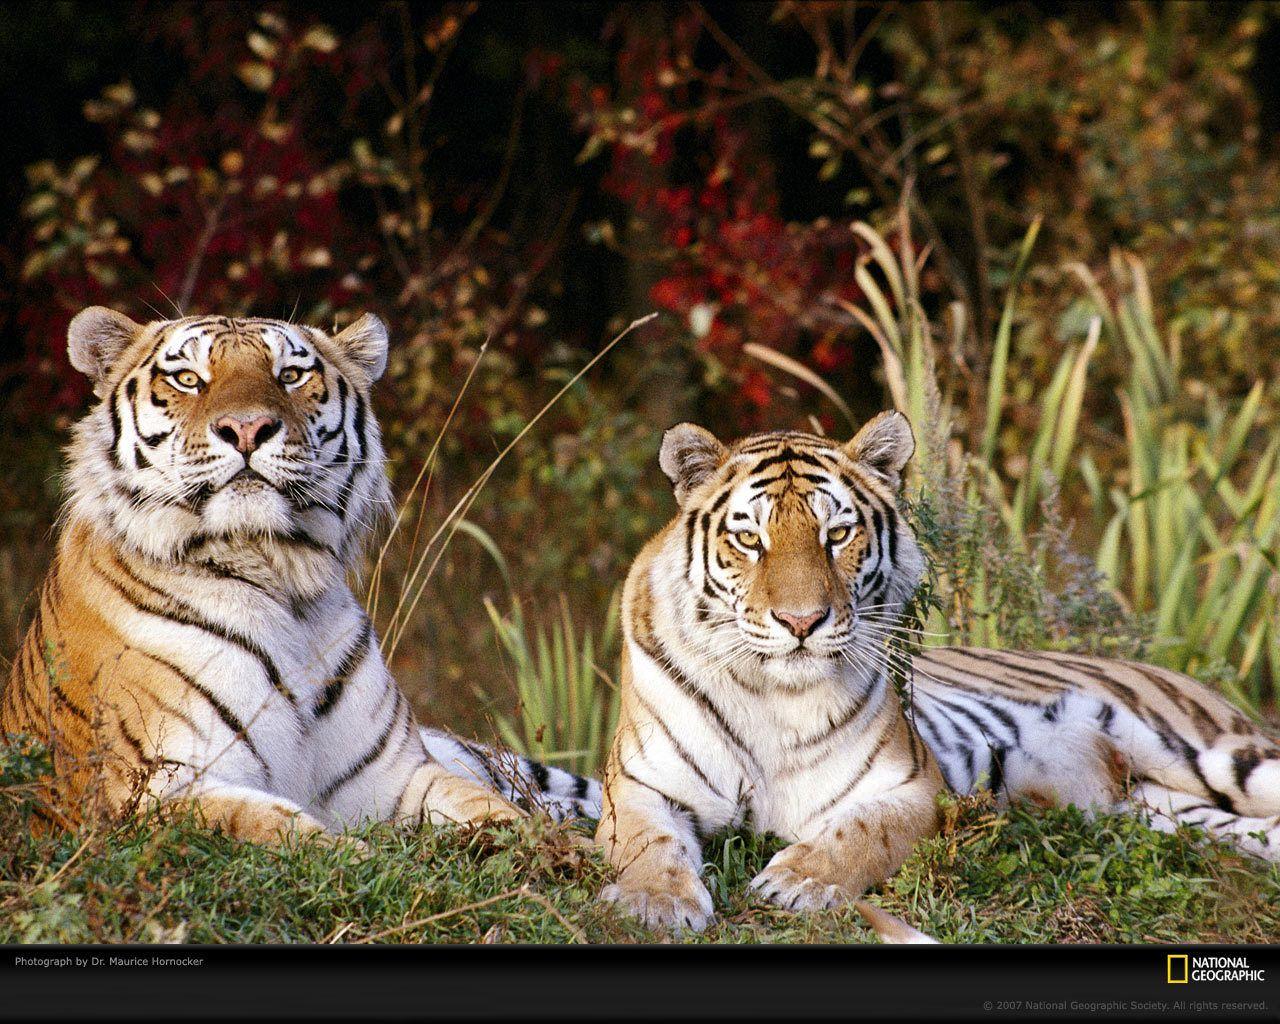 Tiger Wallpaper - Tigers Wallpaper (9981546) - Fanpop